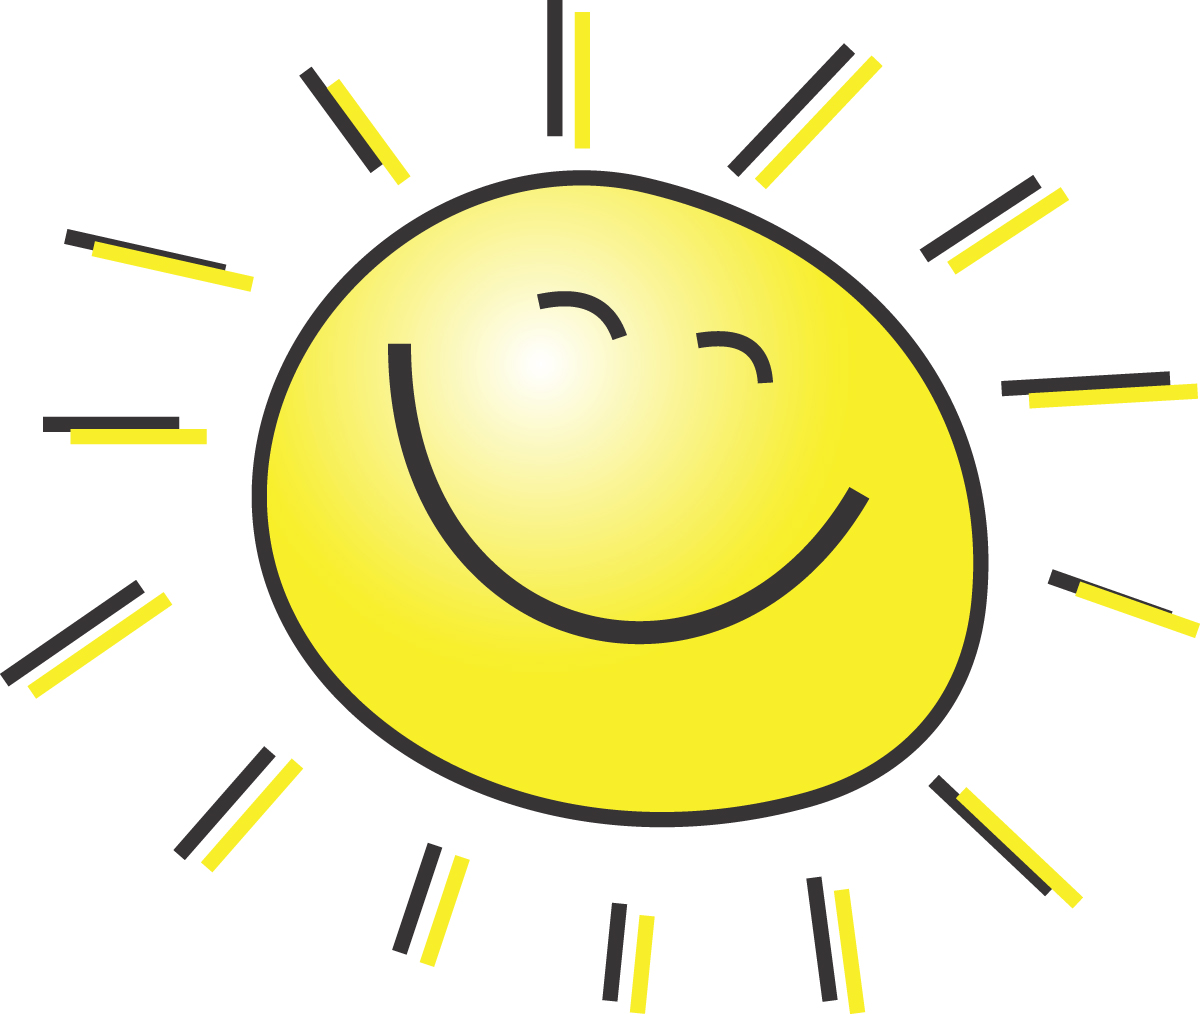 Sunshine cute sun with sunglasses clipar-Sunshine cute sun with sunglasses clipart free clipart images-12